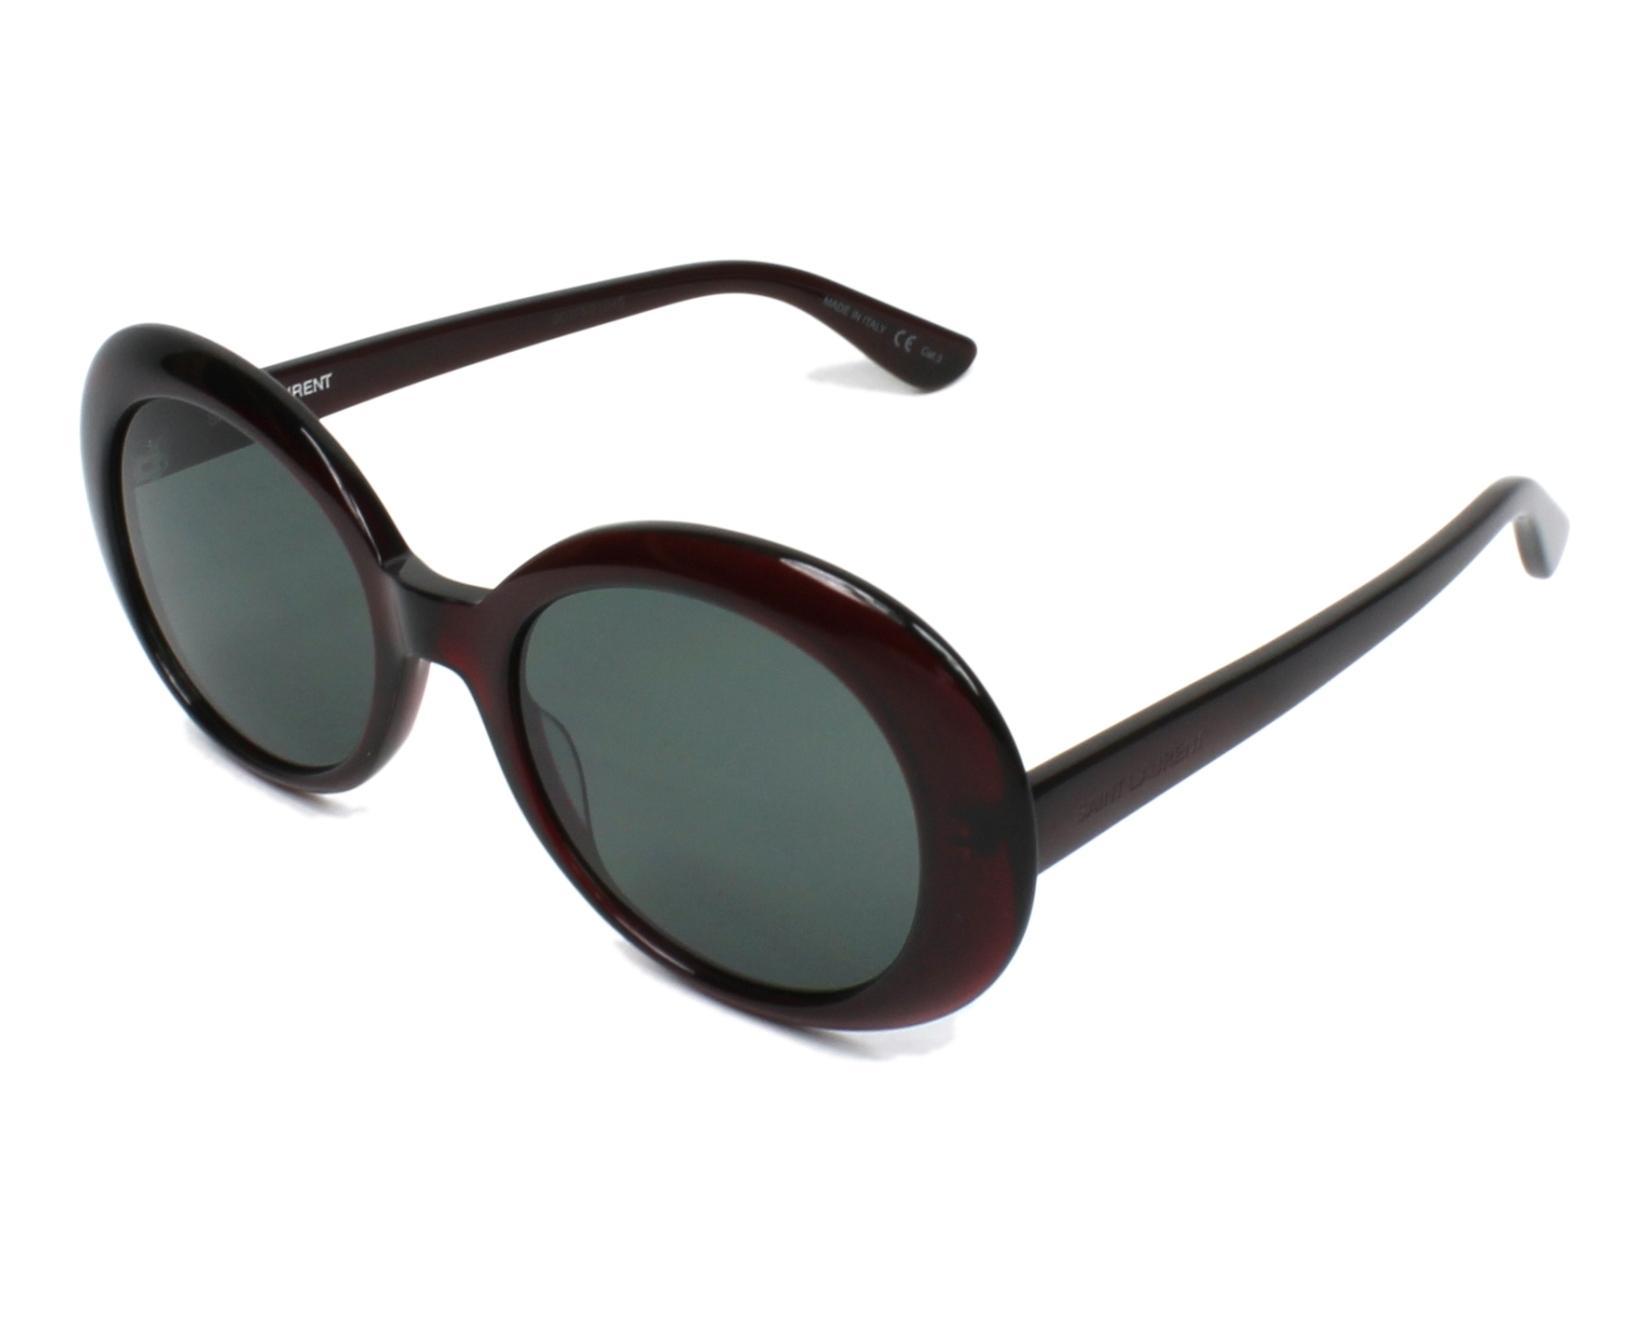 18a8bc500f0 Saint Laurent Sl 98 California Sunglasses White